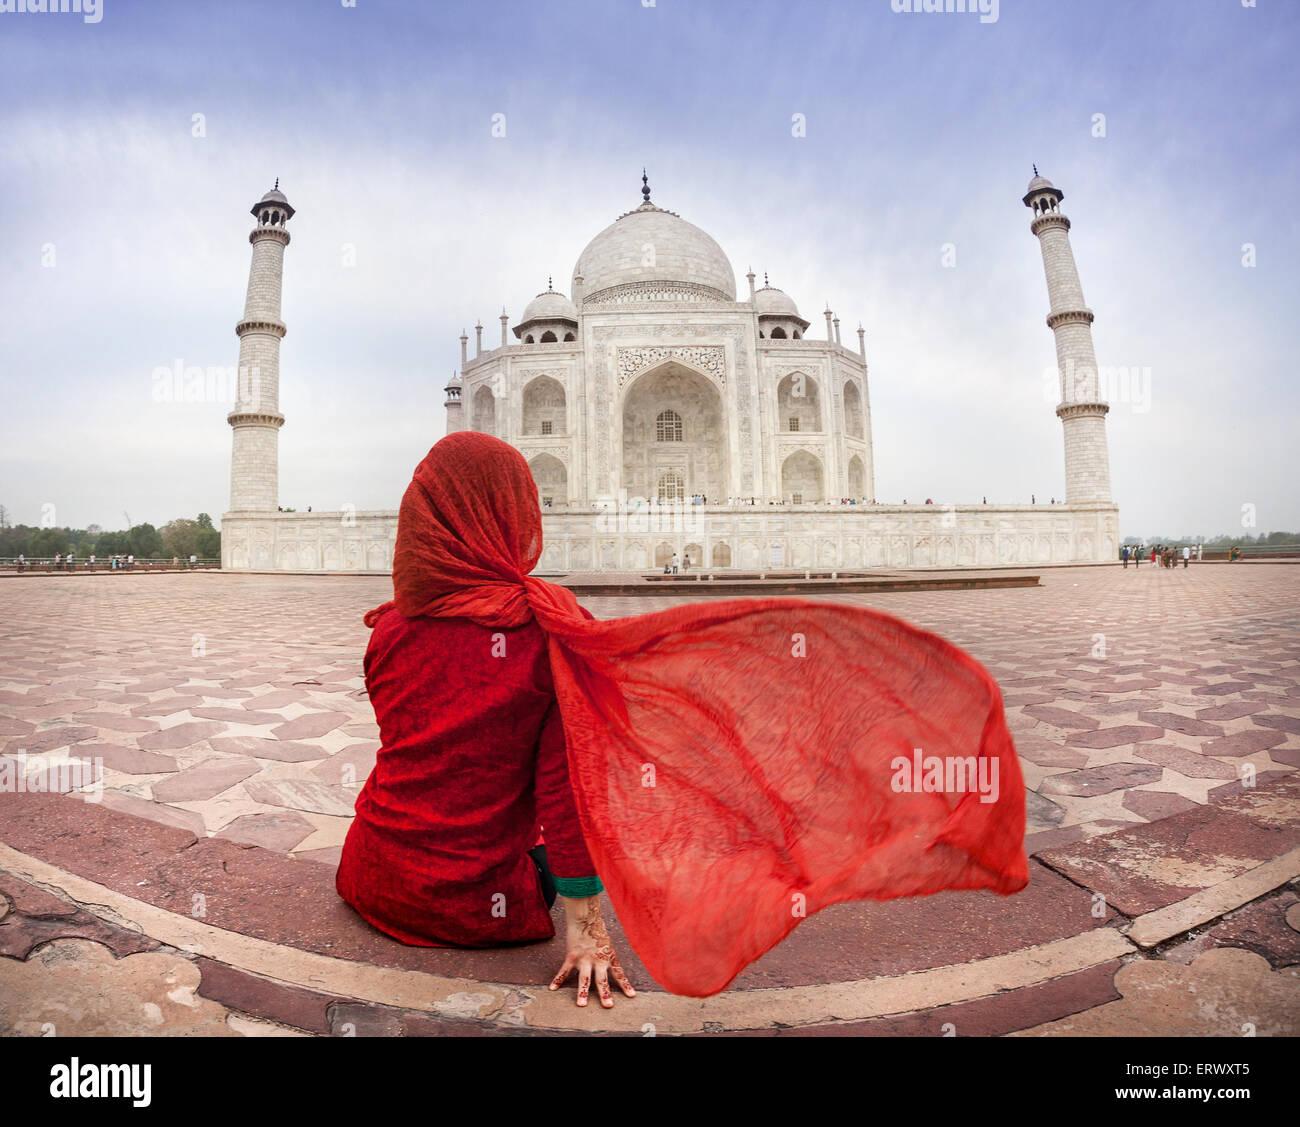 Femme en costume rouge avec écharpe assis près de Taj Mahal à Agra, Uttar Pradesh, Inde Photo Stock